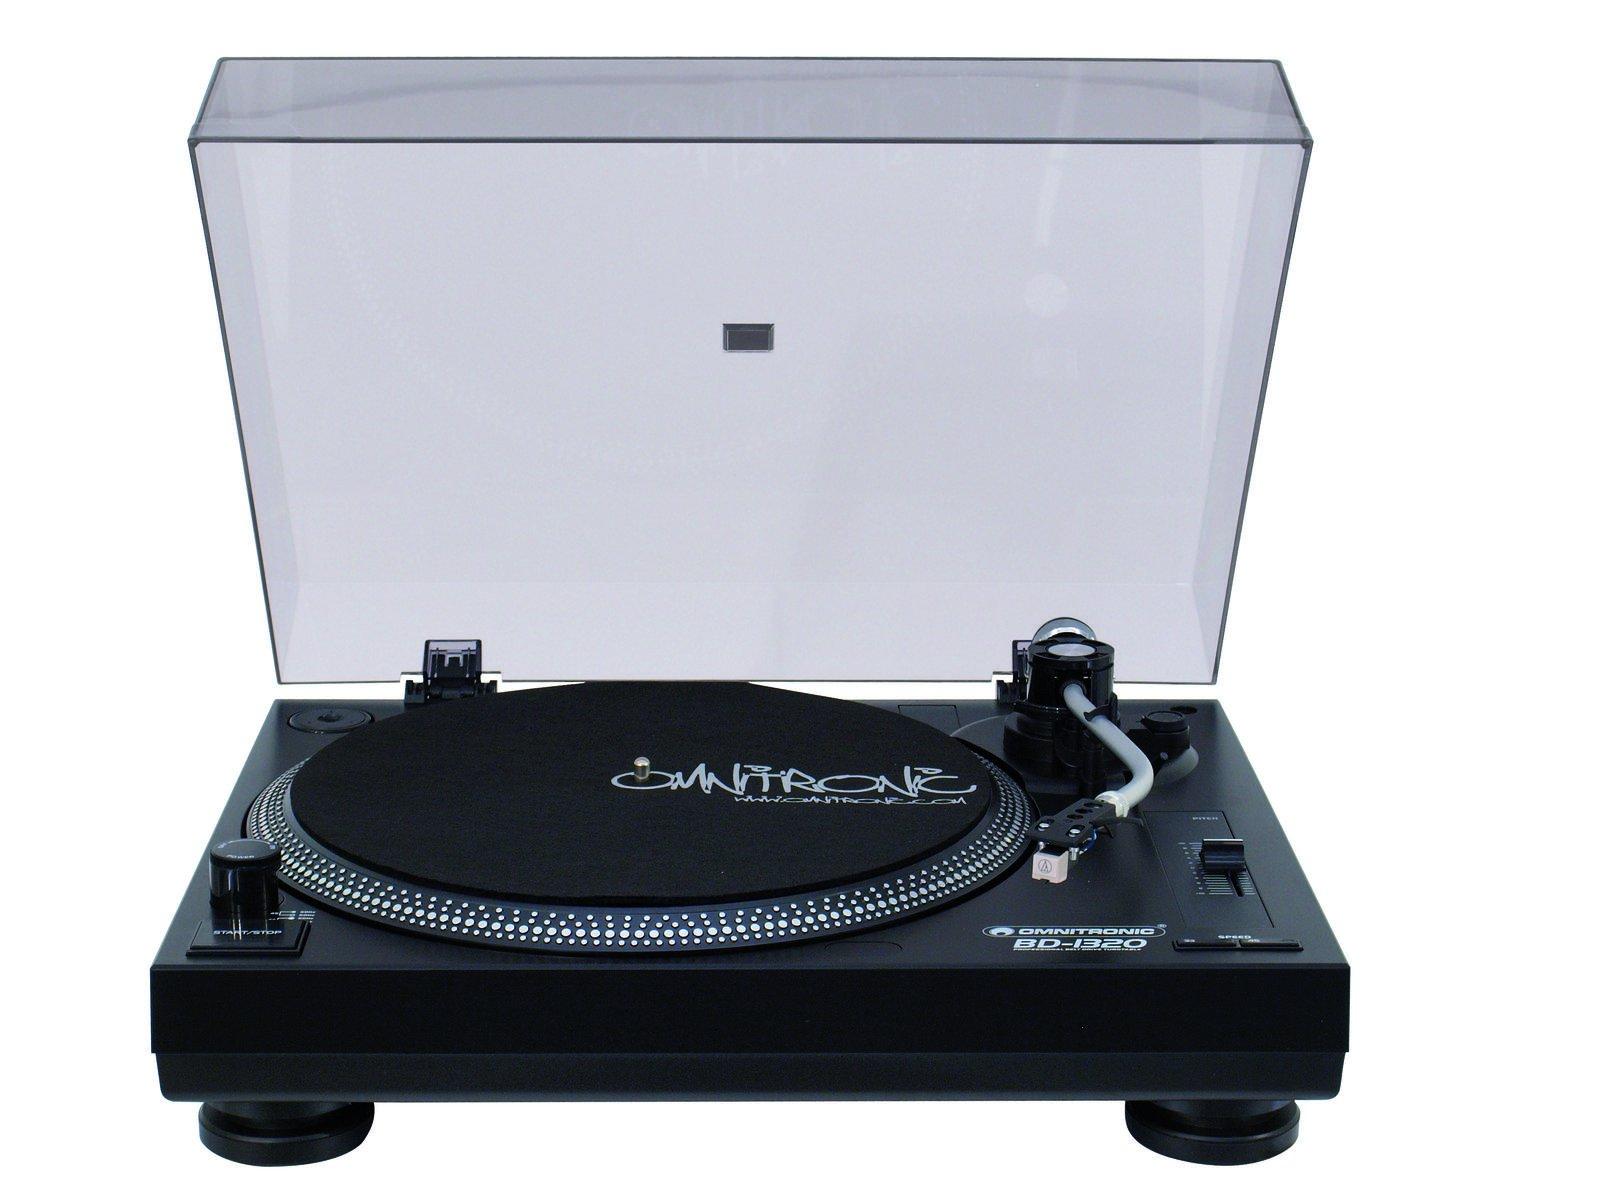 gramofon do 500 zł ranking